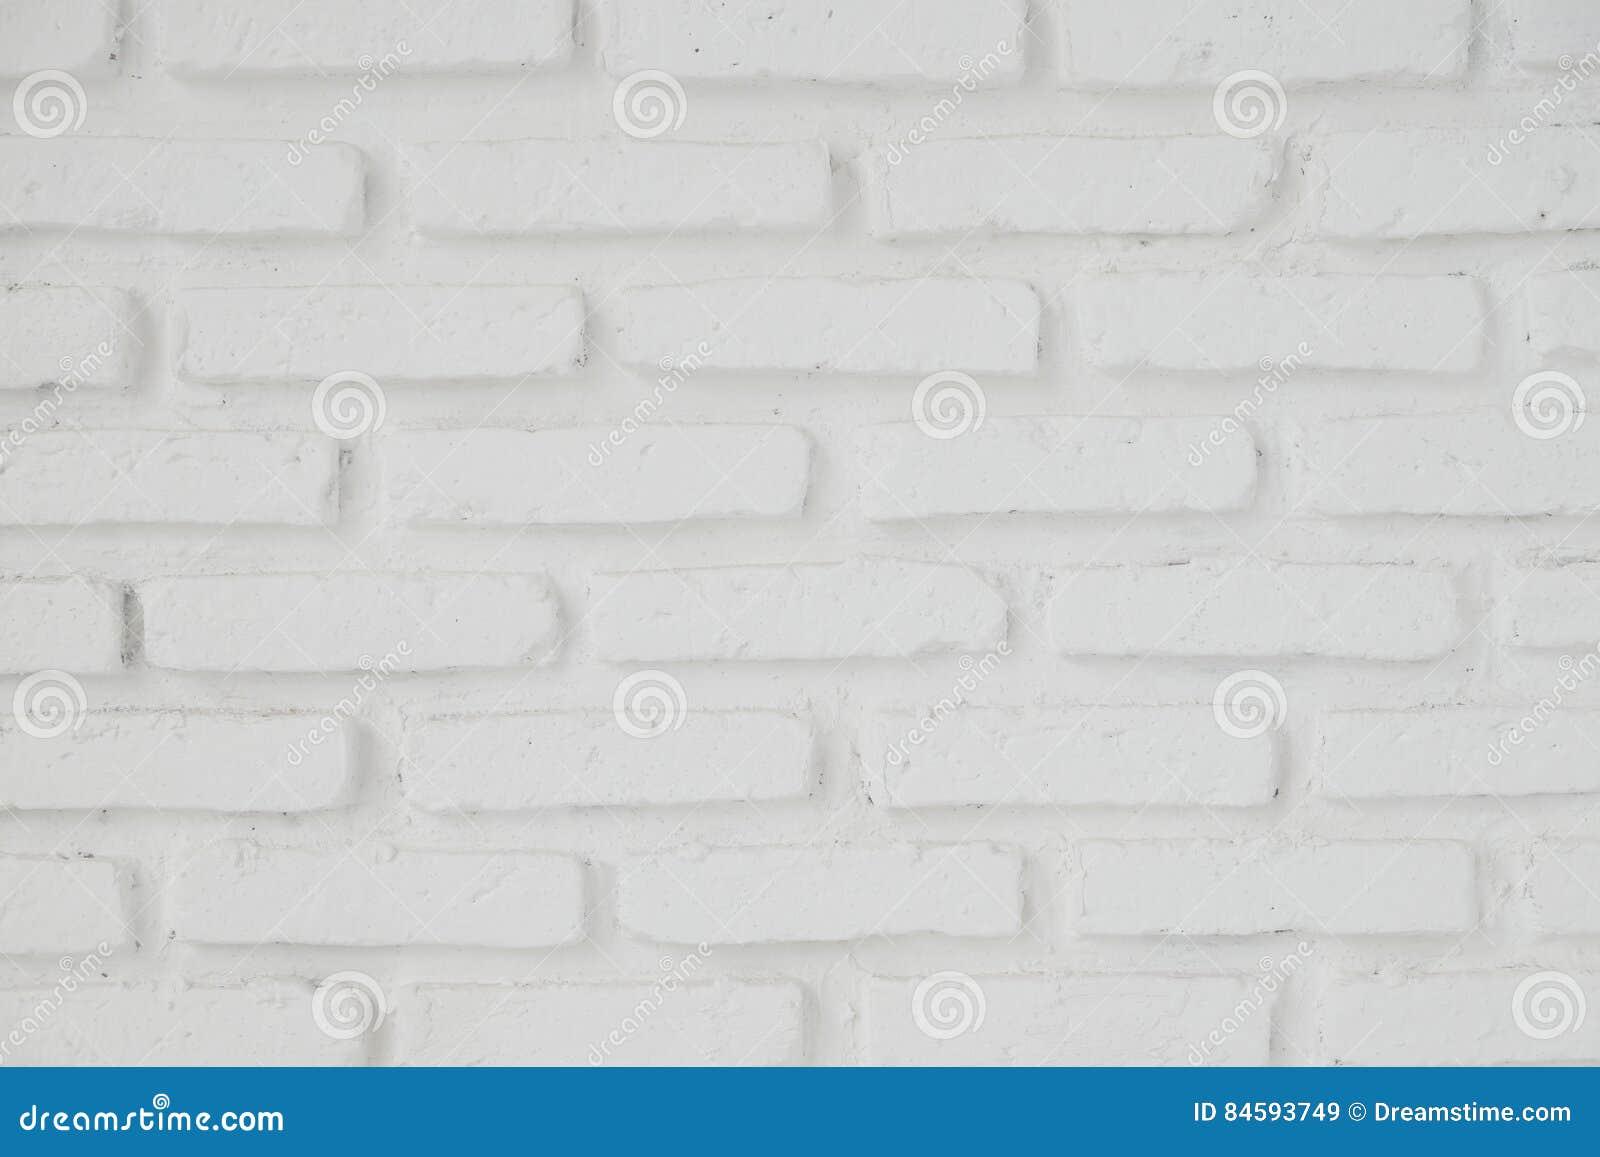 Pintura gris claro pared beautiful en el siguiente for Pintura gris claro pared